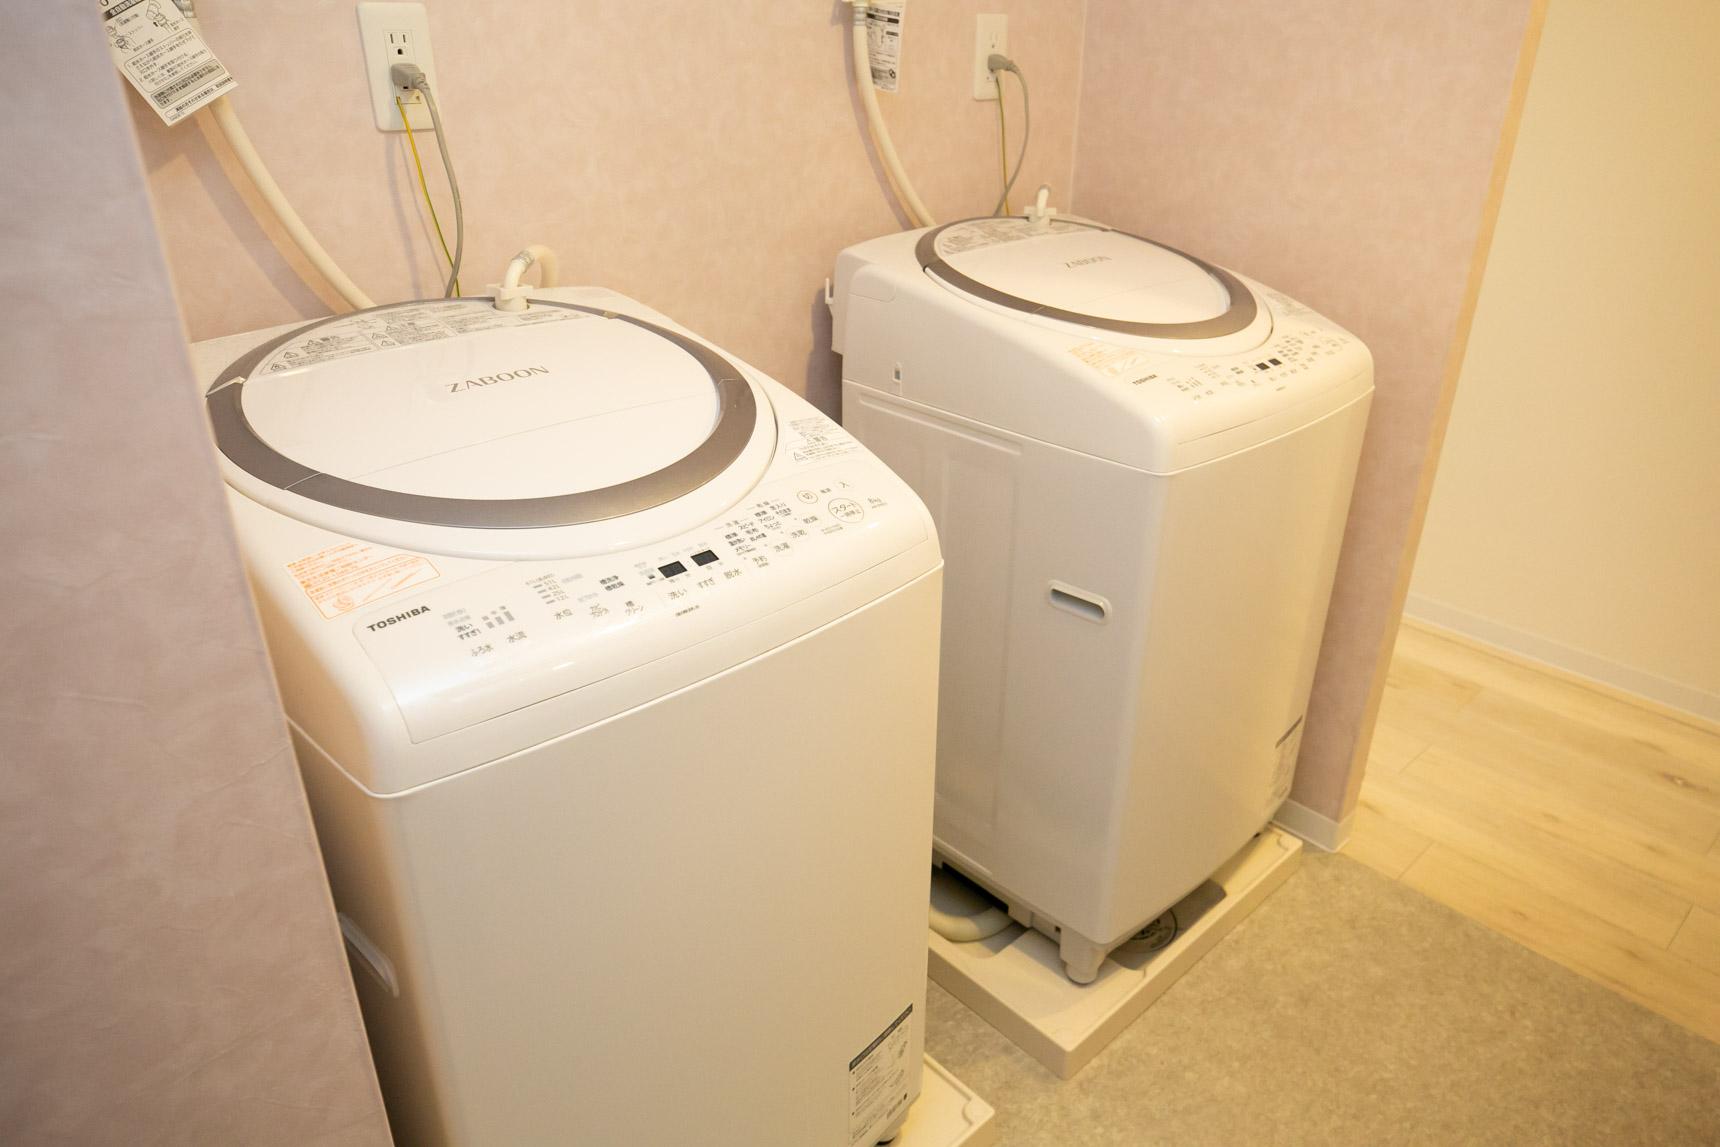 洗濯機も2台あって便利だそう。